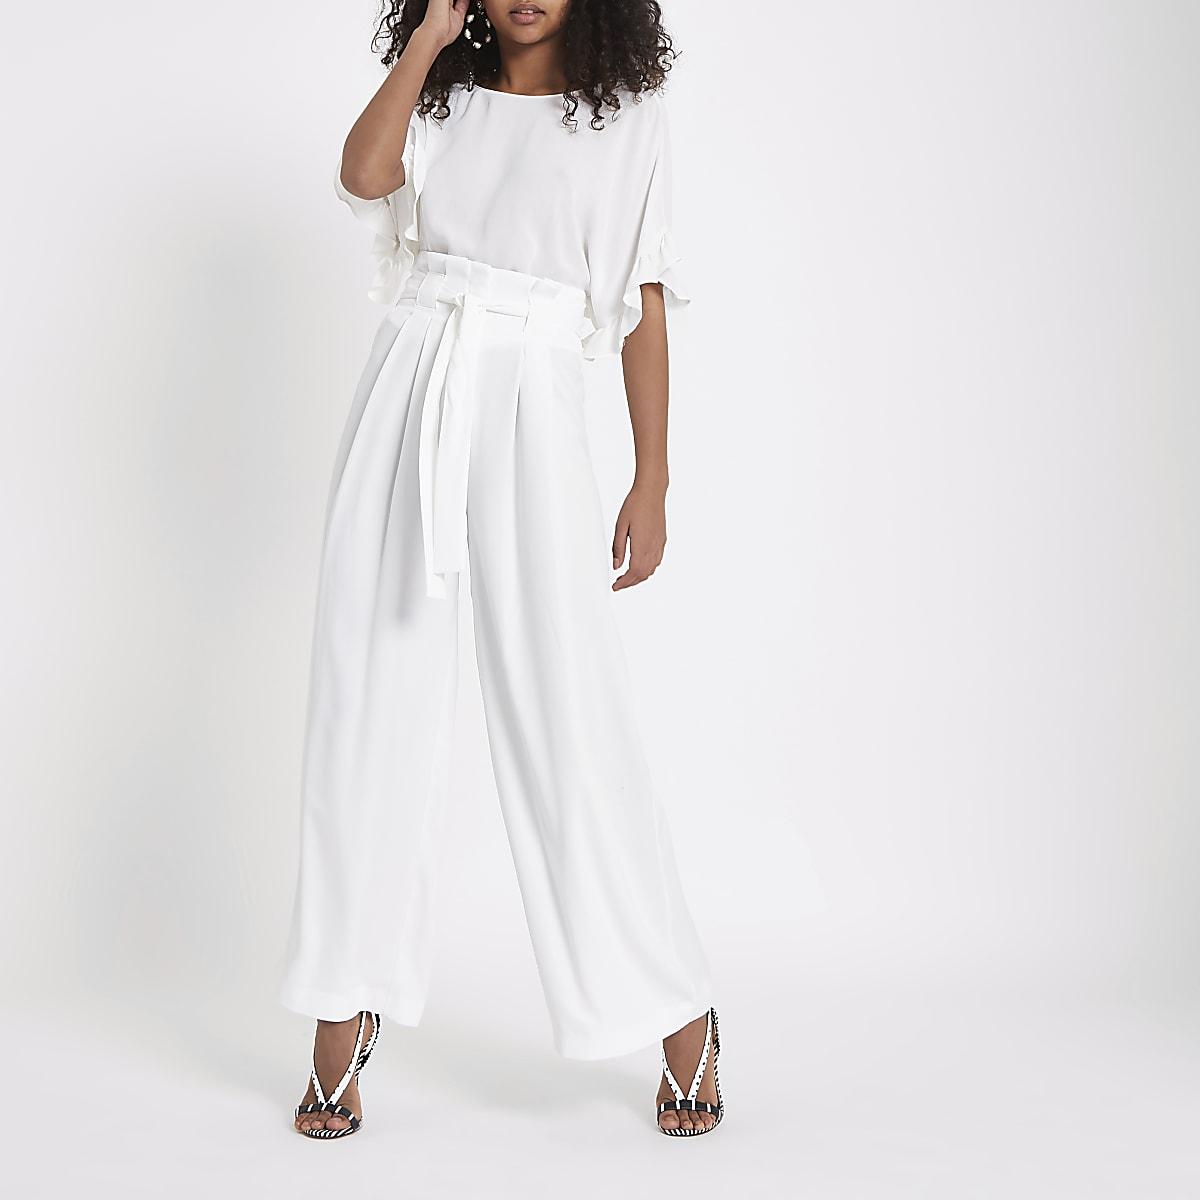 482ac9078e61d Pantalon large blanc à taille haute ceinturée - Pantalons larges ...